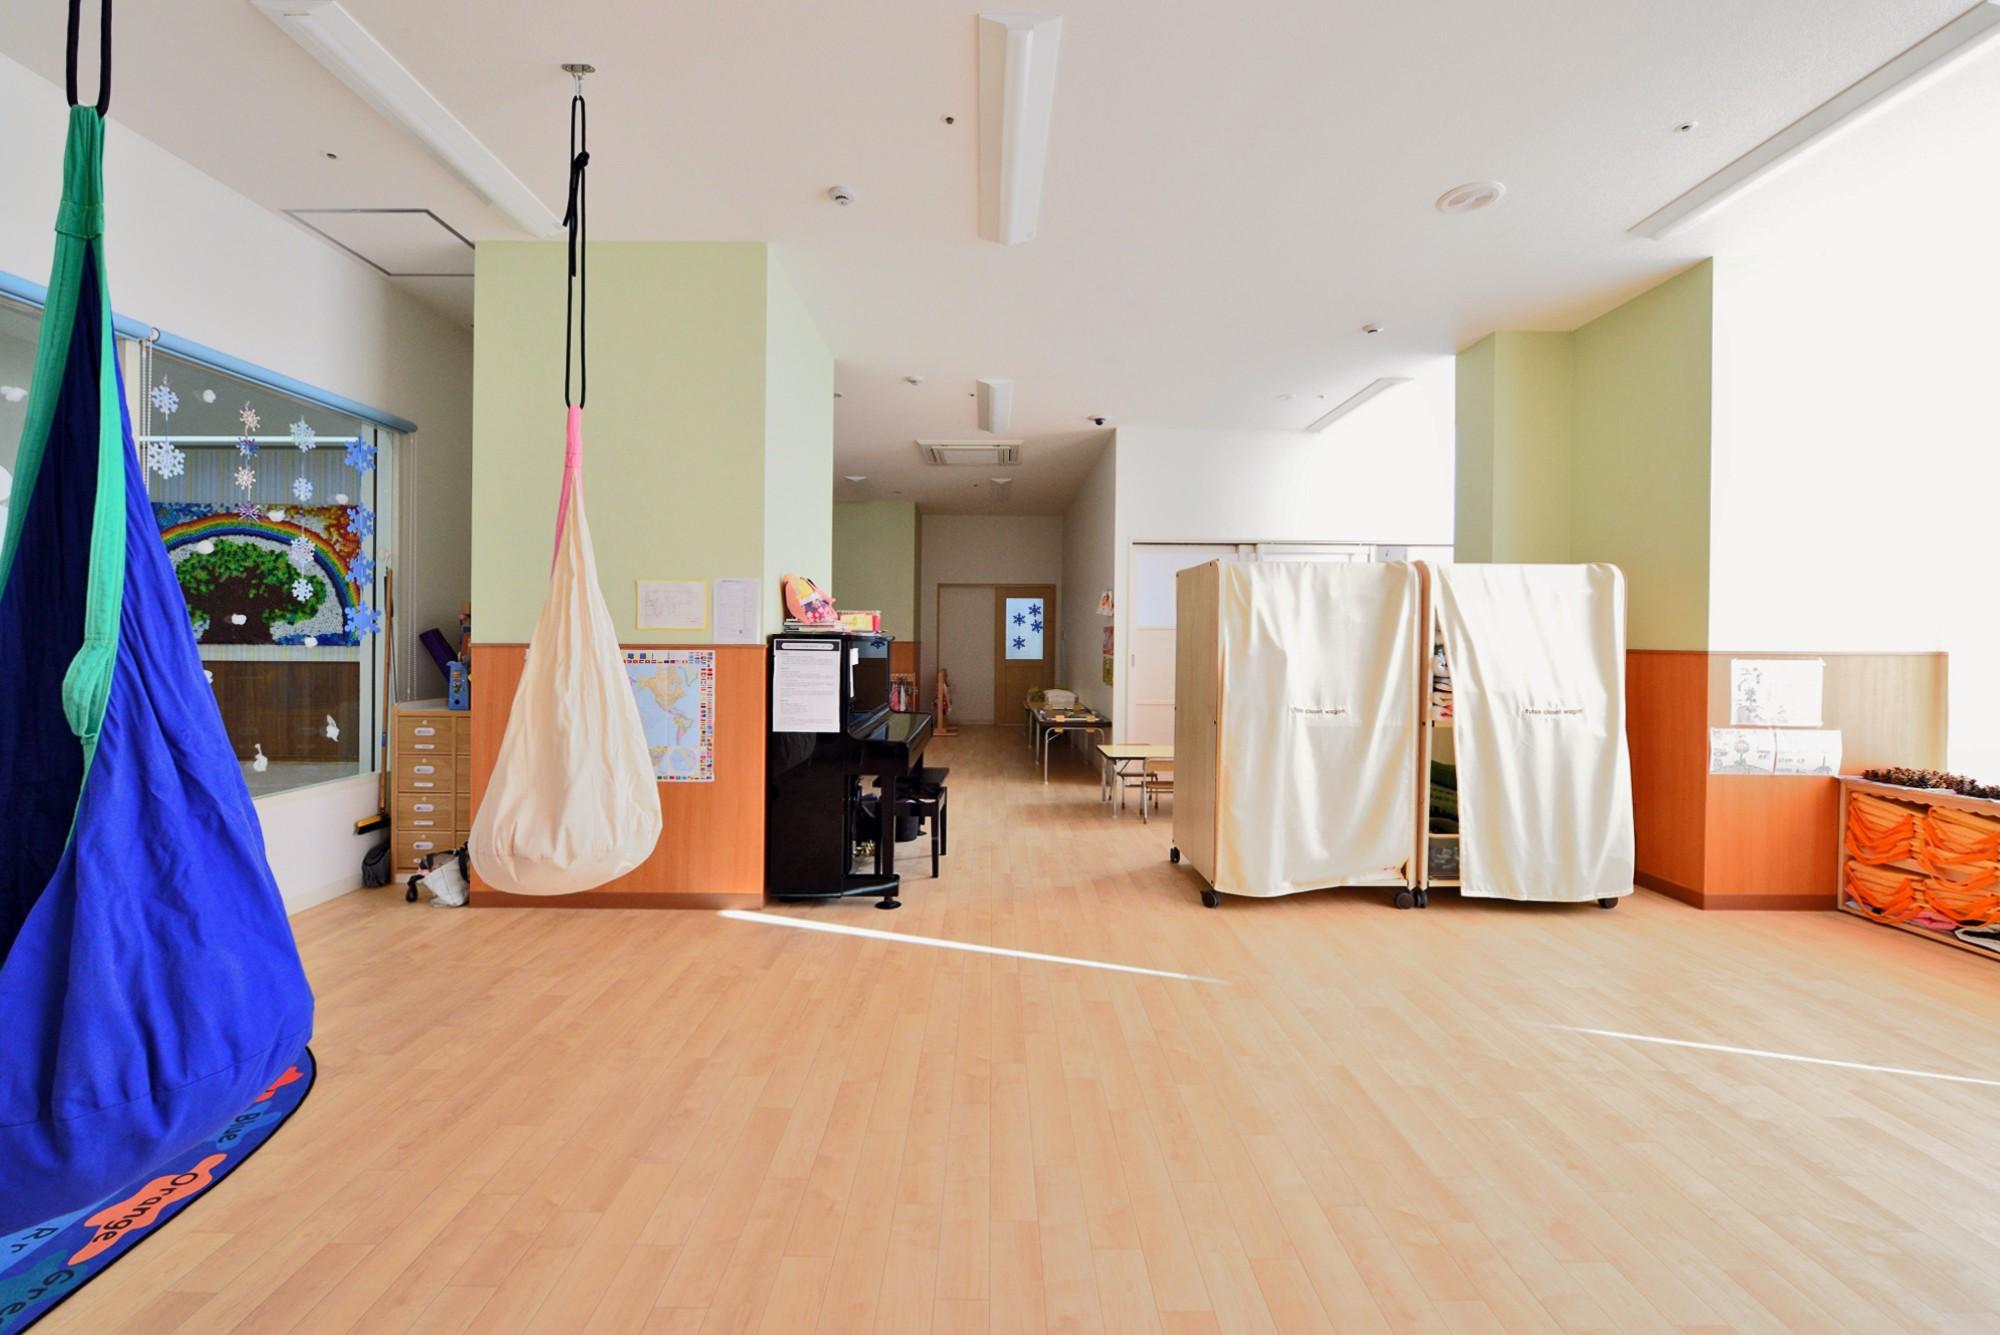 子供部屋事例:メインの保育室・廊下側(横須賀市 ~にじのそら保育園~)